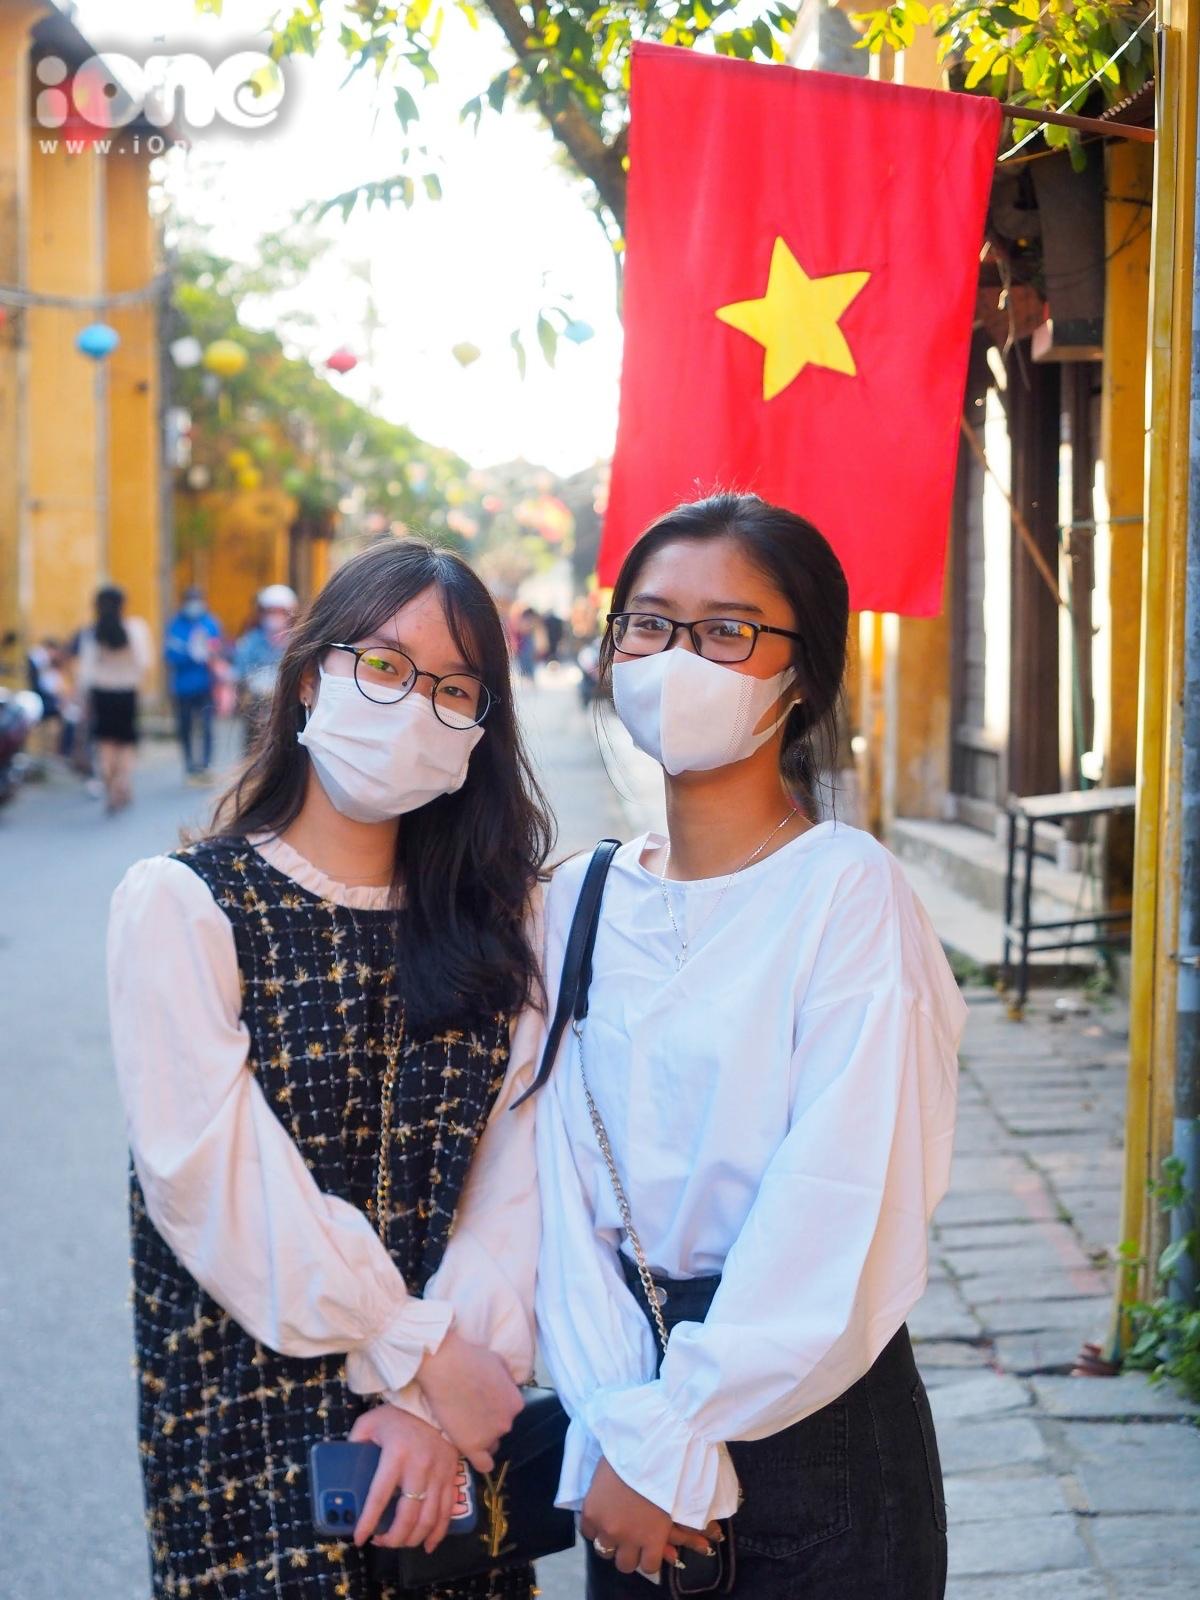 Hai bạn trẻ Mai Anh Thư và Mai Phương Trinh, sinh năm 2005, đến từ Quảng Nam cho biết, khẩu trang là vật bất ly thân khi ra đường vào ngày Tết. Để phòng chống dịch bệnh, bọn em hạn chế đến những nơi tập trung đông người, thường xuyên đeo khẩu trang và rửa tay sát khuẩn, người này nói.